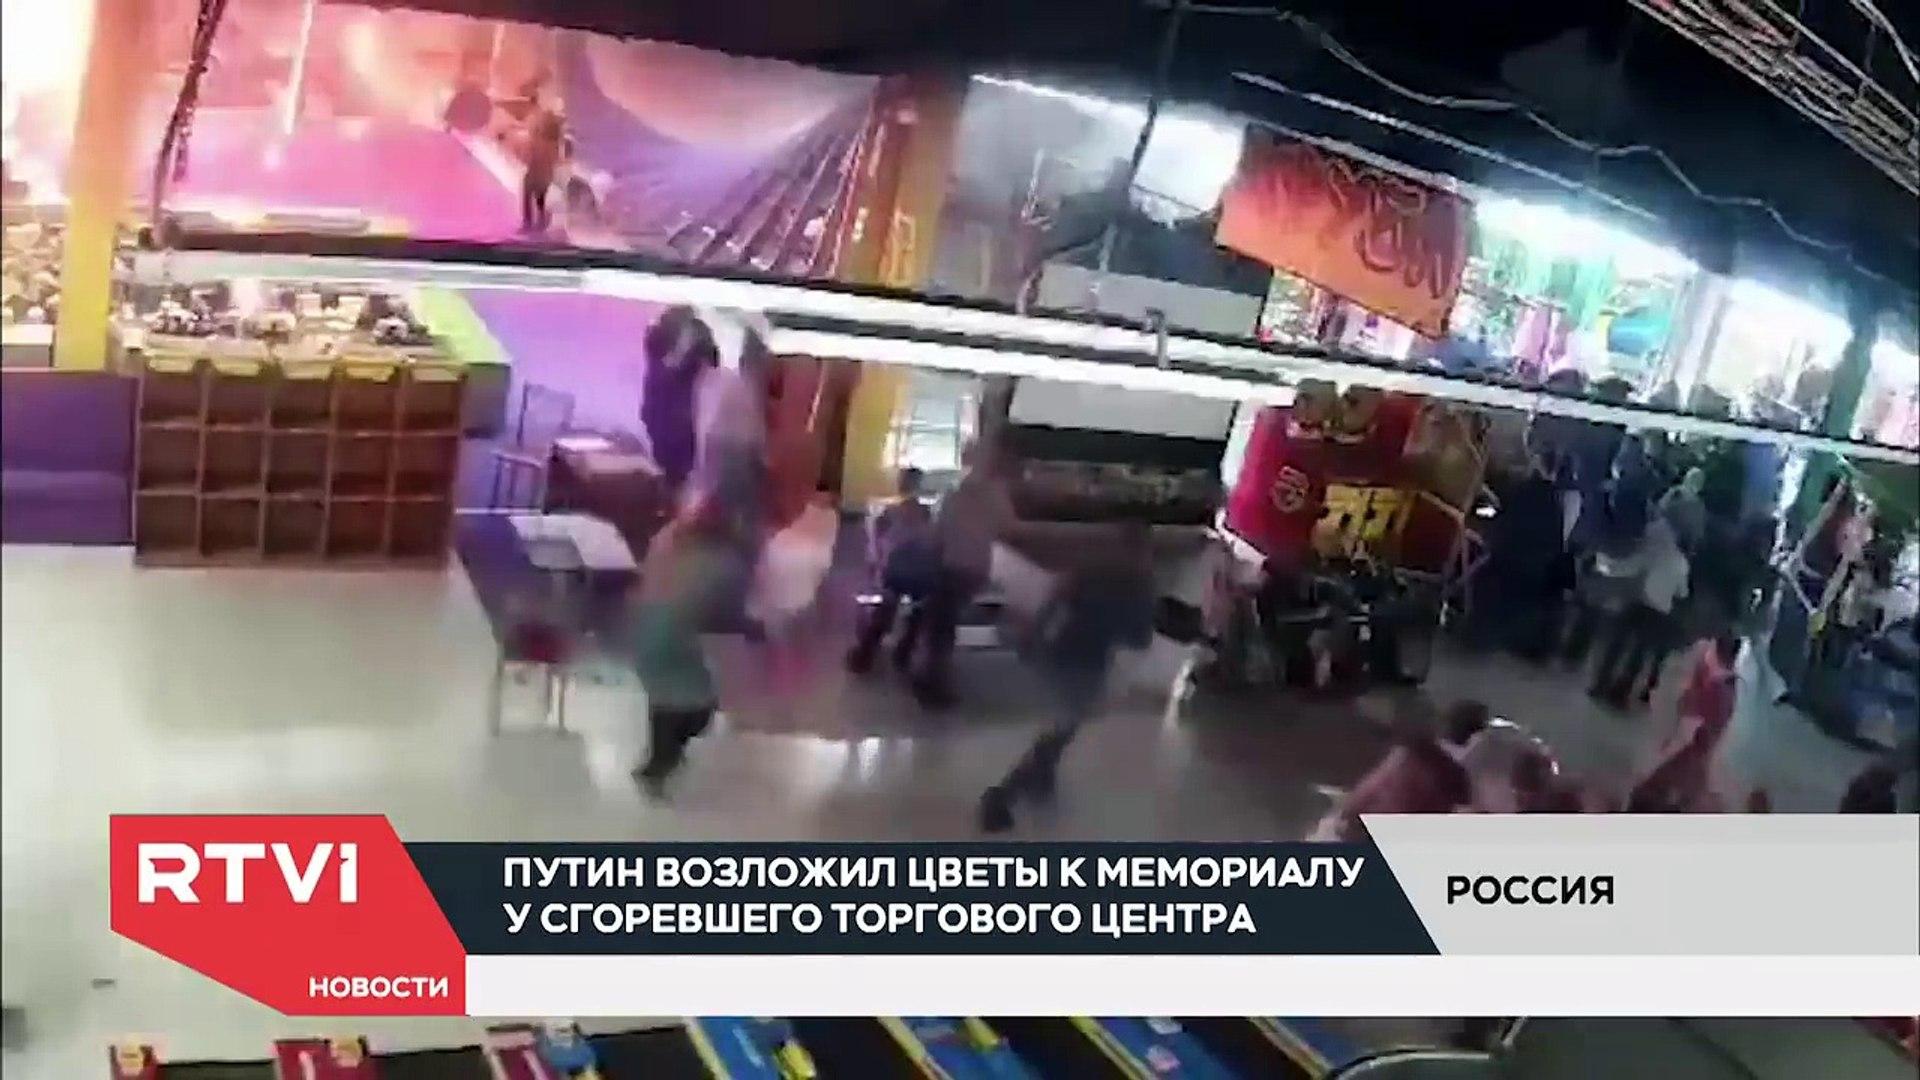 Зачем Путин приезжал в Кемерово, если родителям погибших детей так и не дали задать ему вопросы